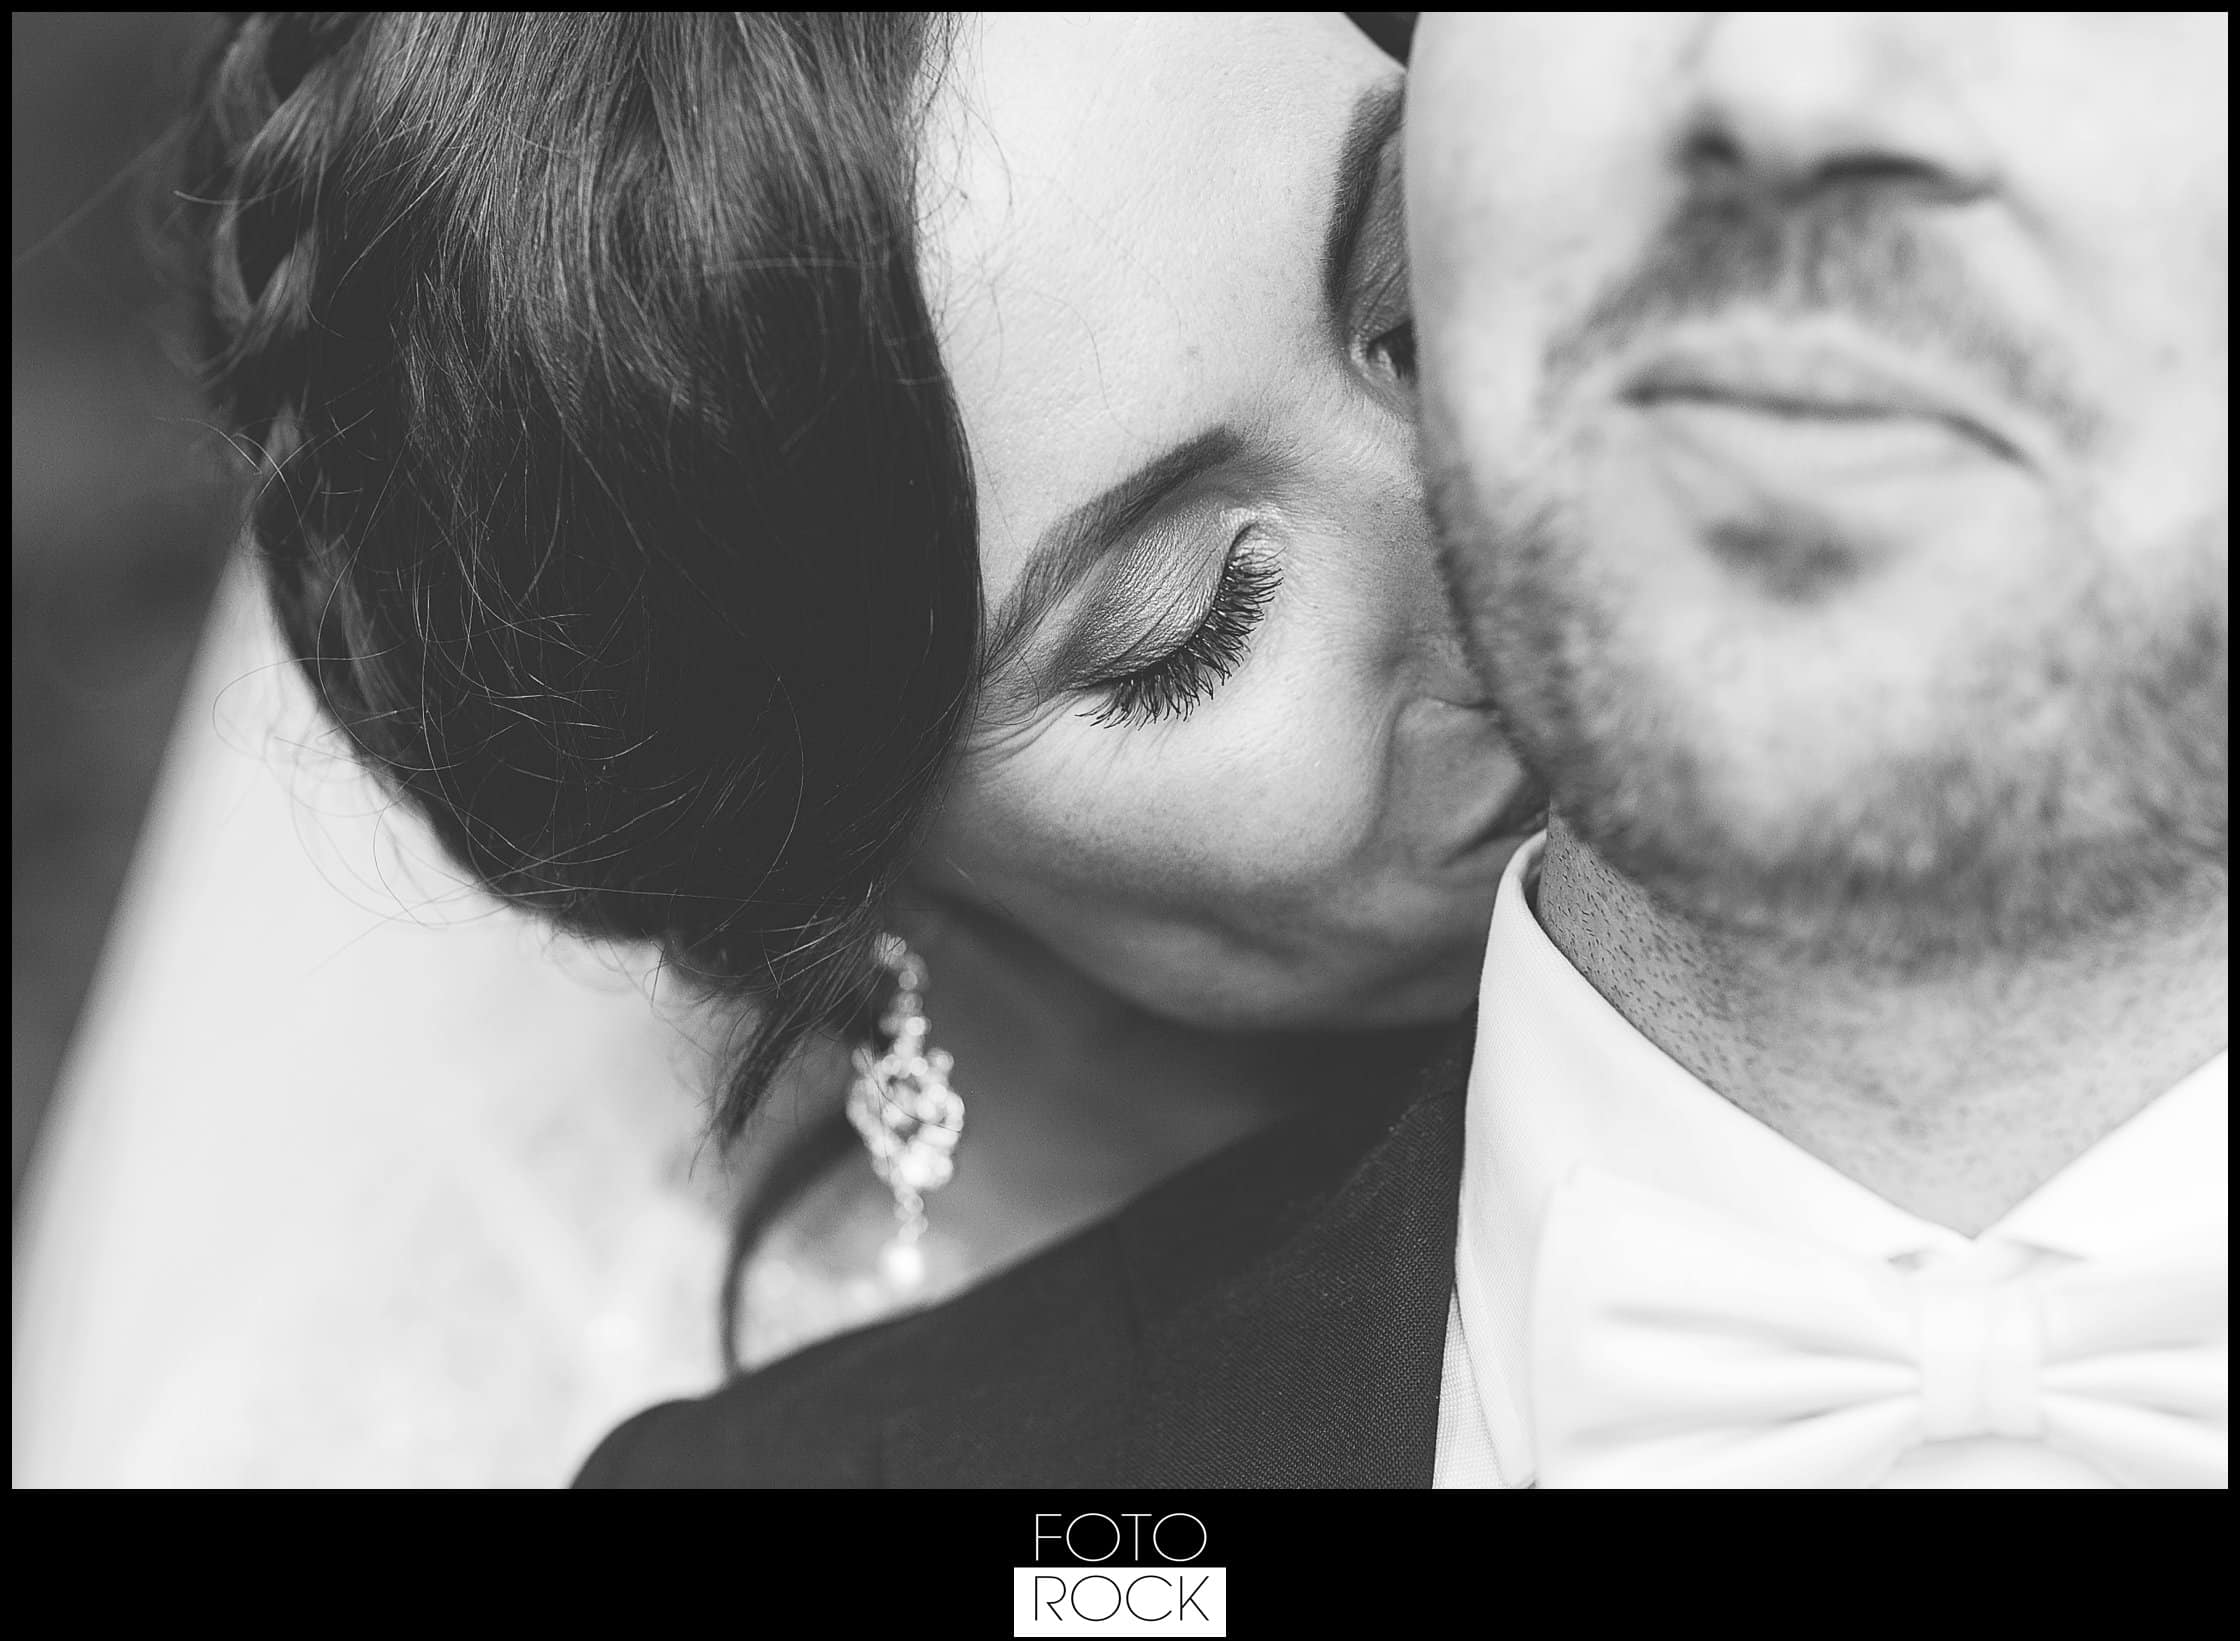 Hochzeit Lilienhof Ihringen Fotoshooting Photoshooting Brautpaar Portrait Bräutigam